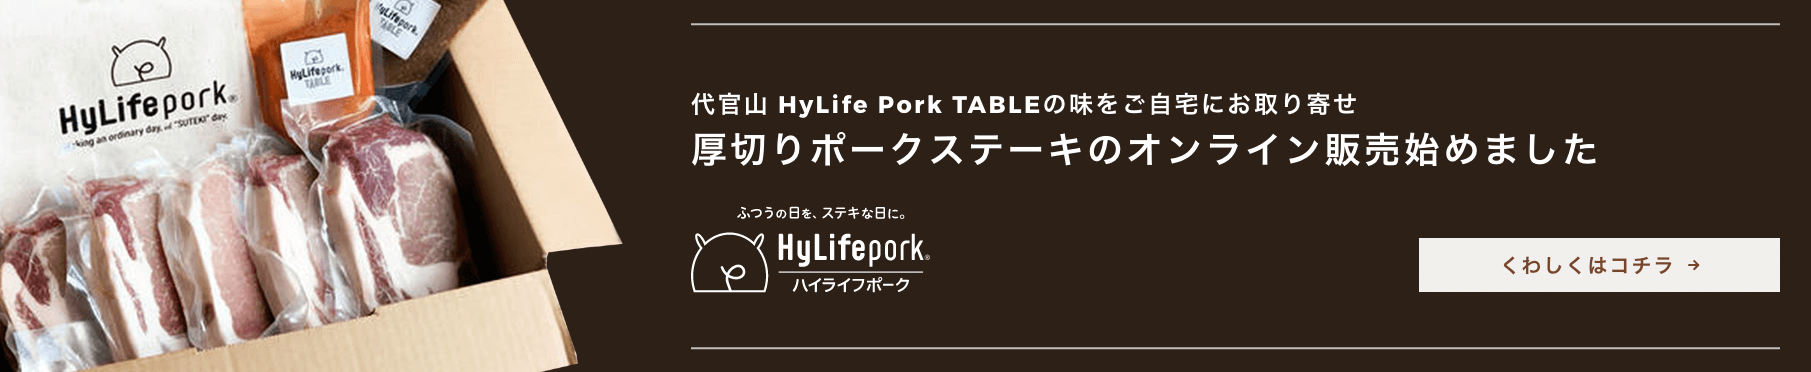 厚切りポークステーキのオンライン販売始めました 代官山HyLife Pork TABLEの味をご自宅でも楽しめます くわしくはコチラ